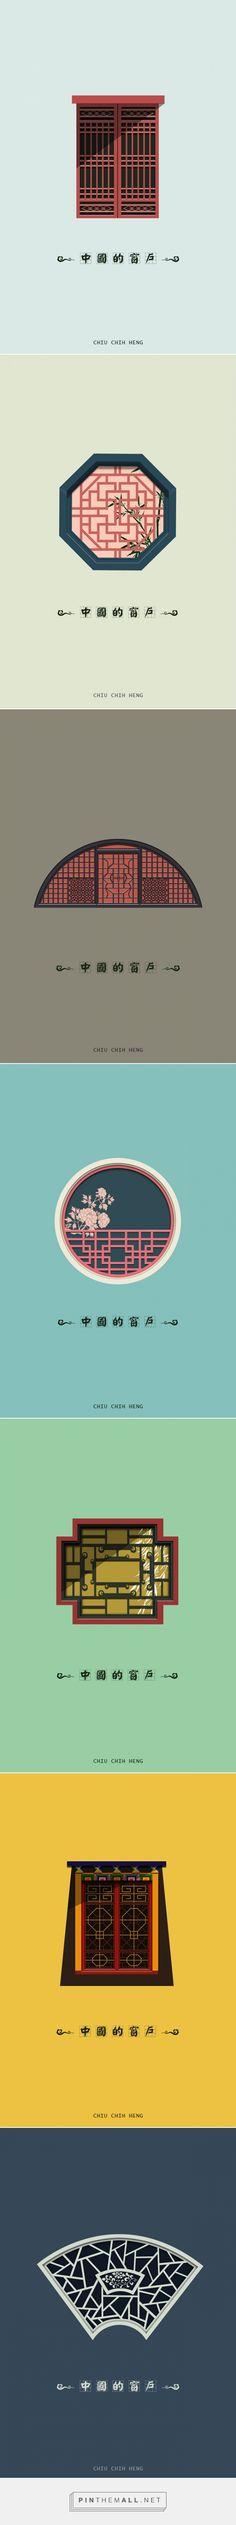 中国的窗户|商业插画|插画|Tomi_Chiu - 原创设计作品 - 站酷 (ZCOOL)... - a grouped images picture - Pin Them All